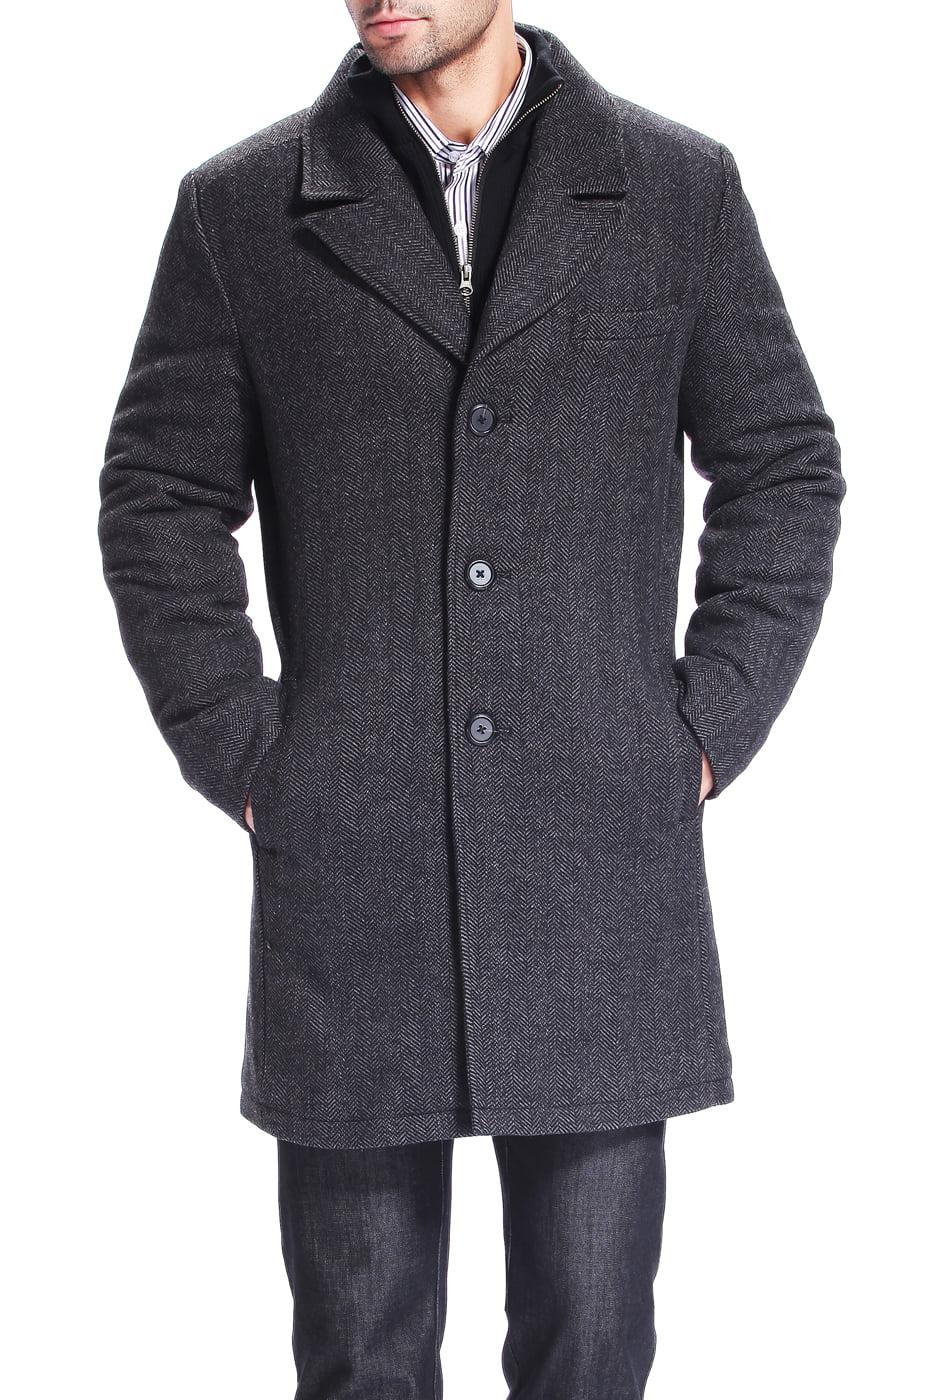 BGSD Men's 'Derek' Herringbone Wool Blend Bibbed Walking Coat by Mens Wool Coats